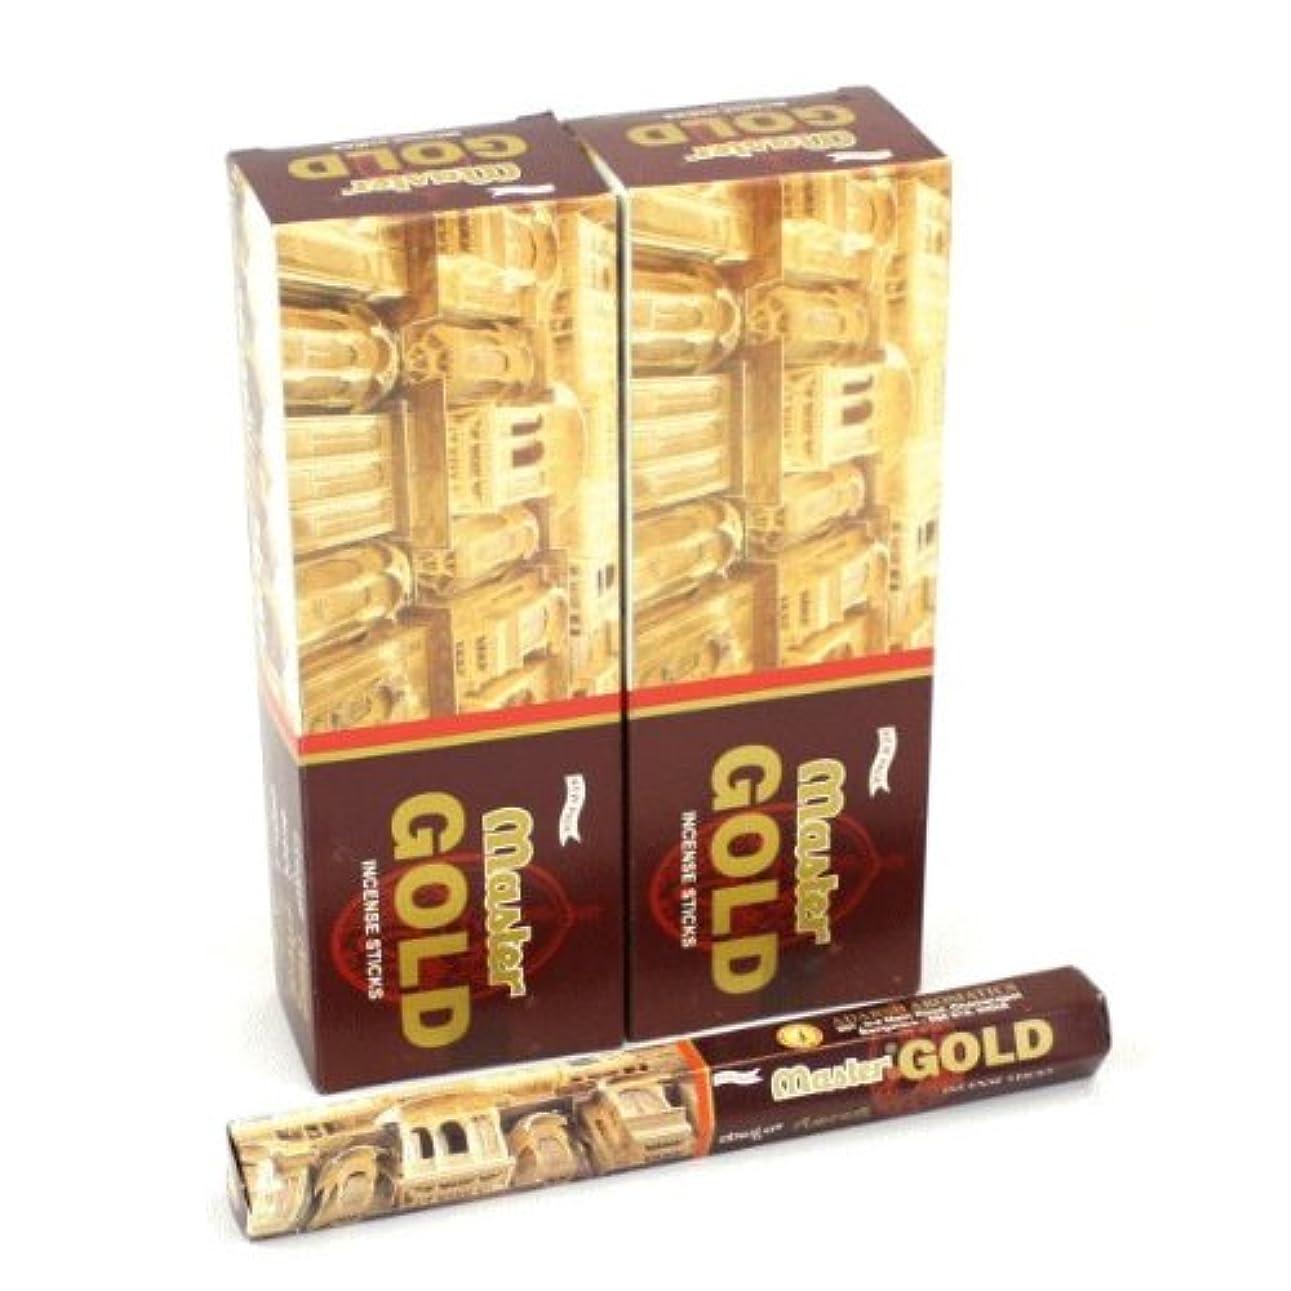 ポンプ細菌発信ADARSH マスターゴールド香 スティック ヘキサパック(六角) 12箱セット MASTER GOLD